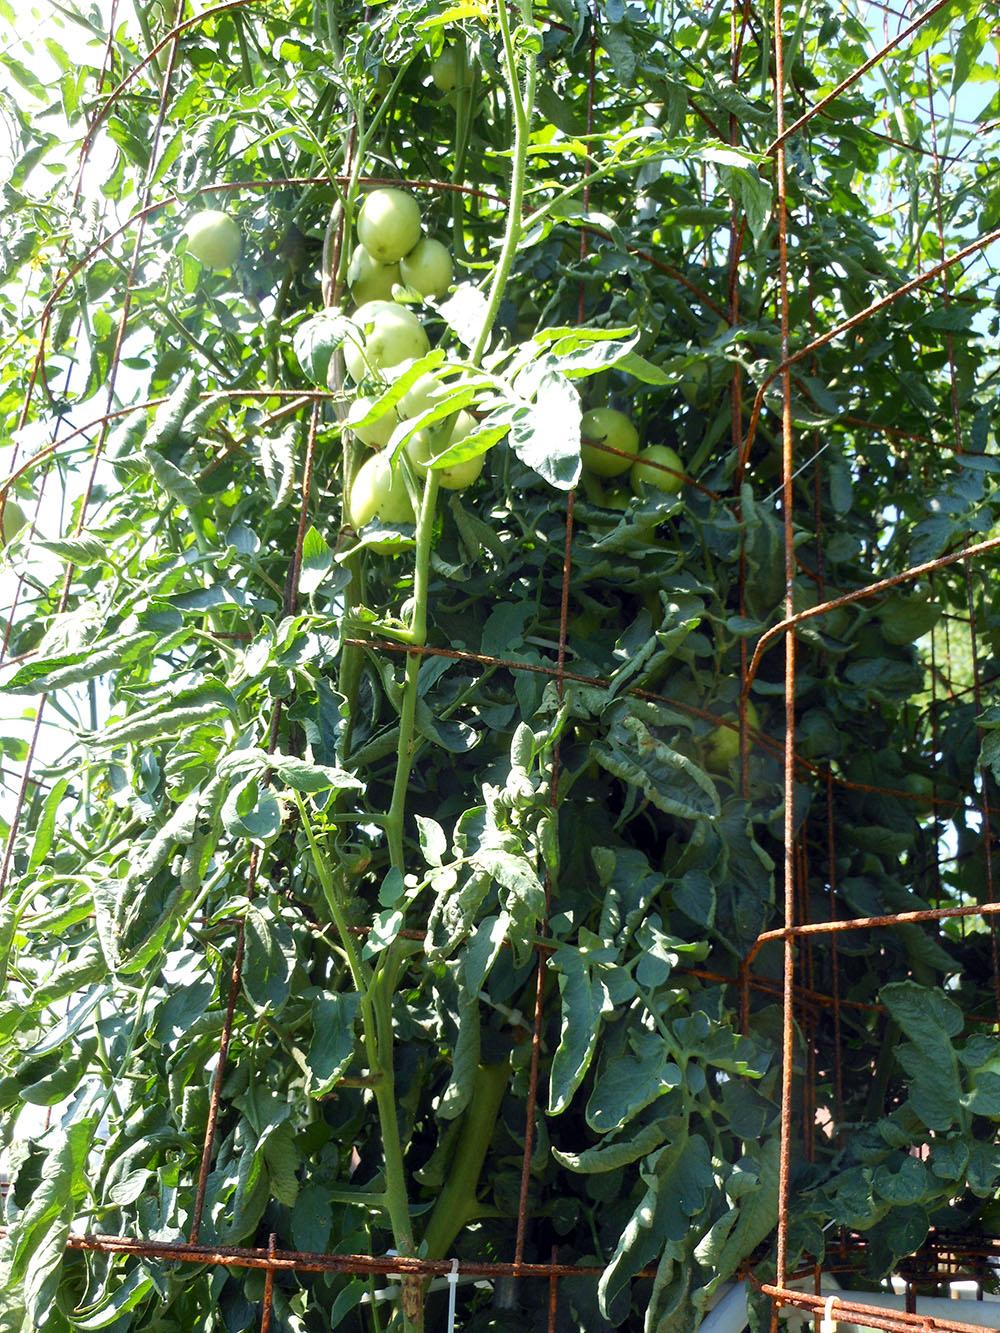 07-30-2016-Tomato-Plants-St-Pauls-S-12